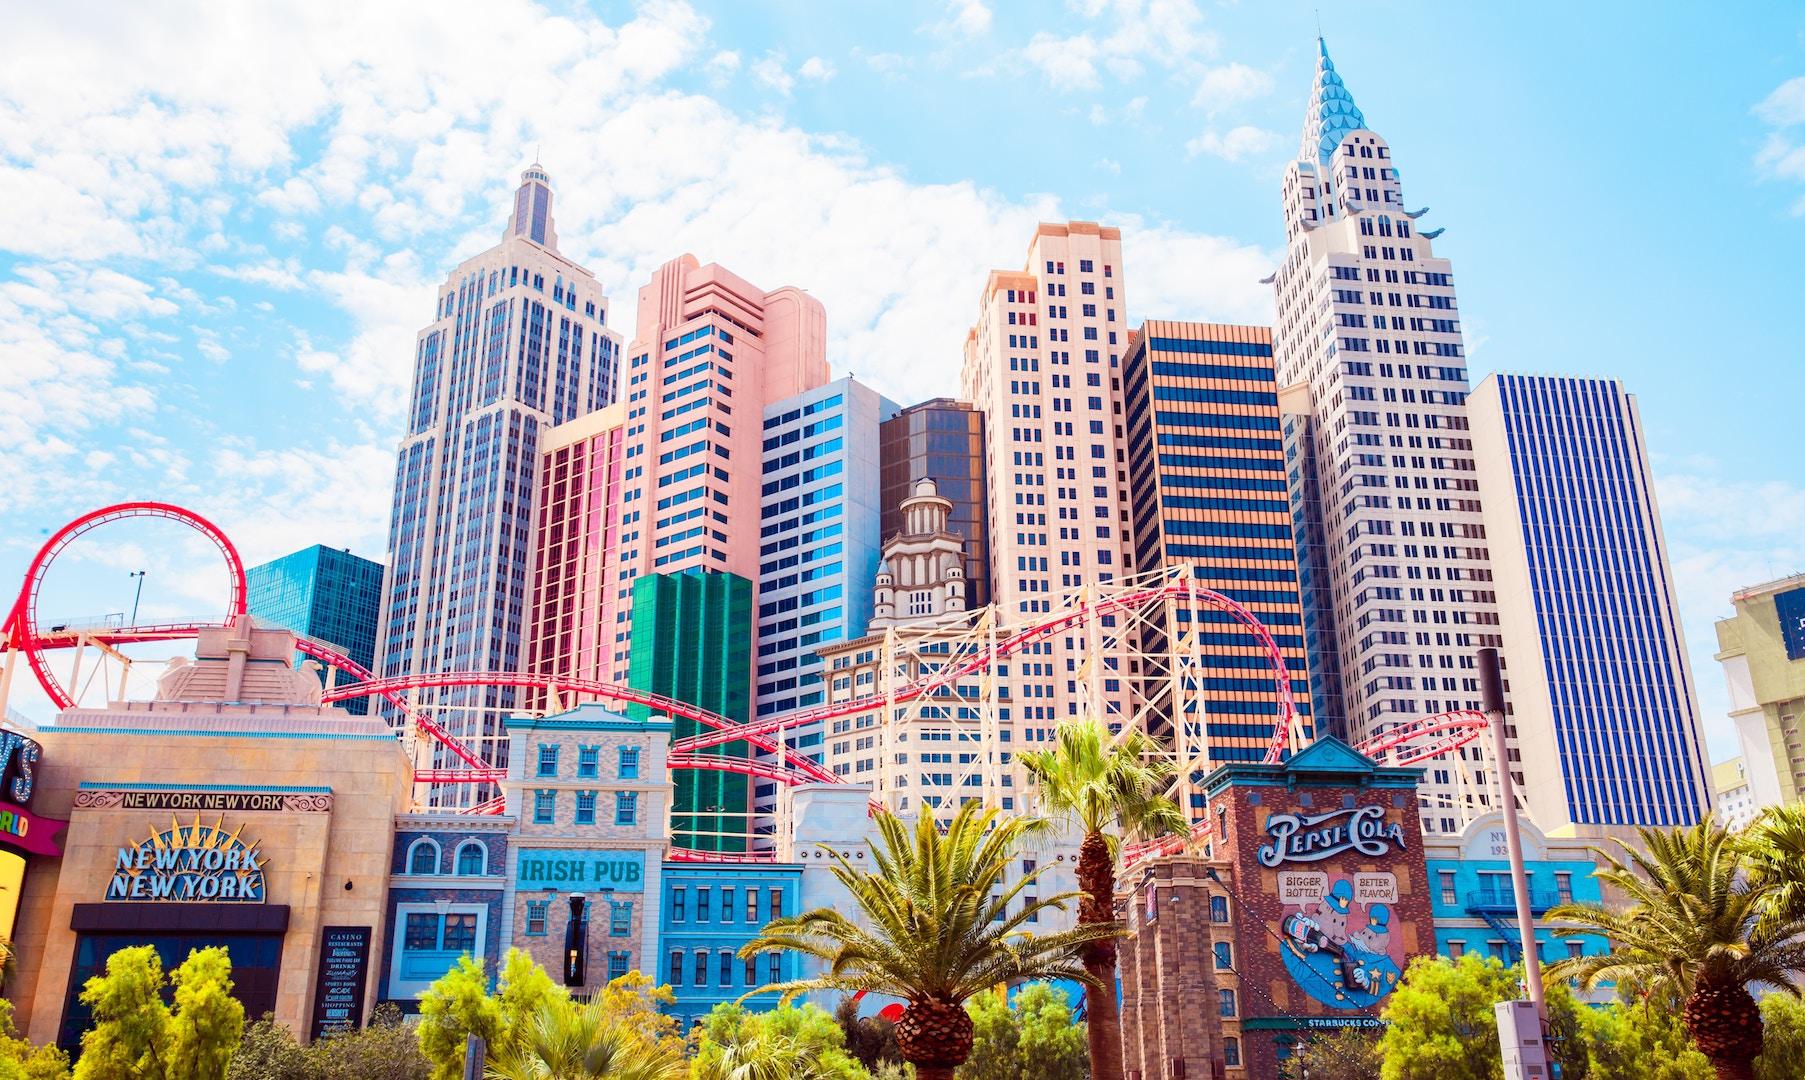 Las Vegas &quot;width =&quot; 1805 &quot;height =&quot; 1080 &quot;/&gt;</p><ol start=